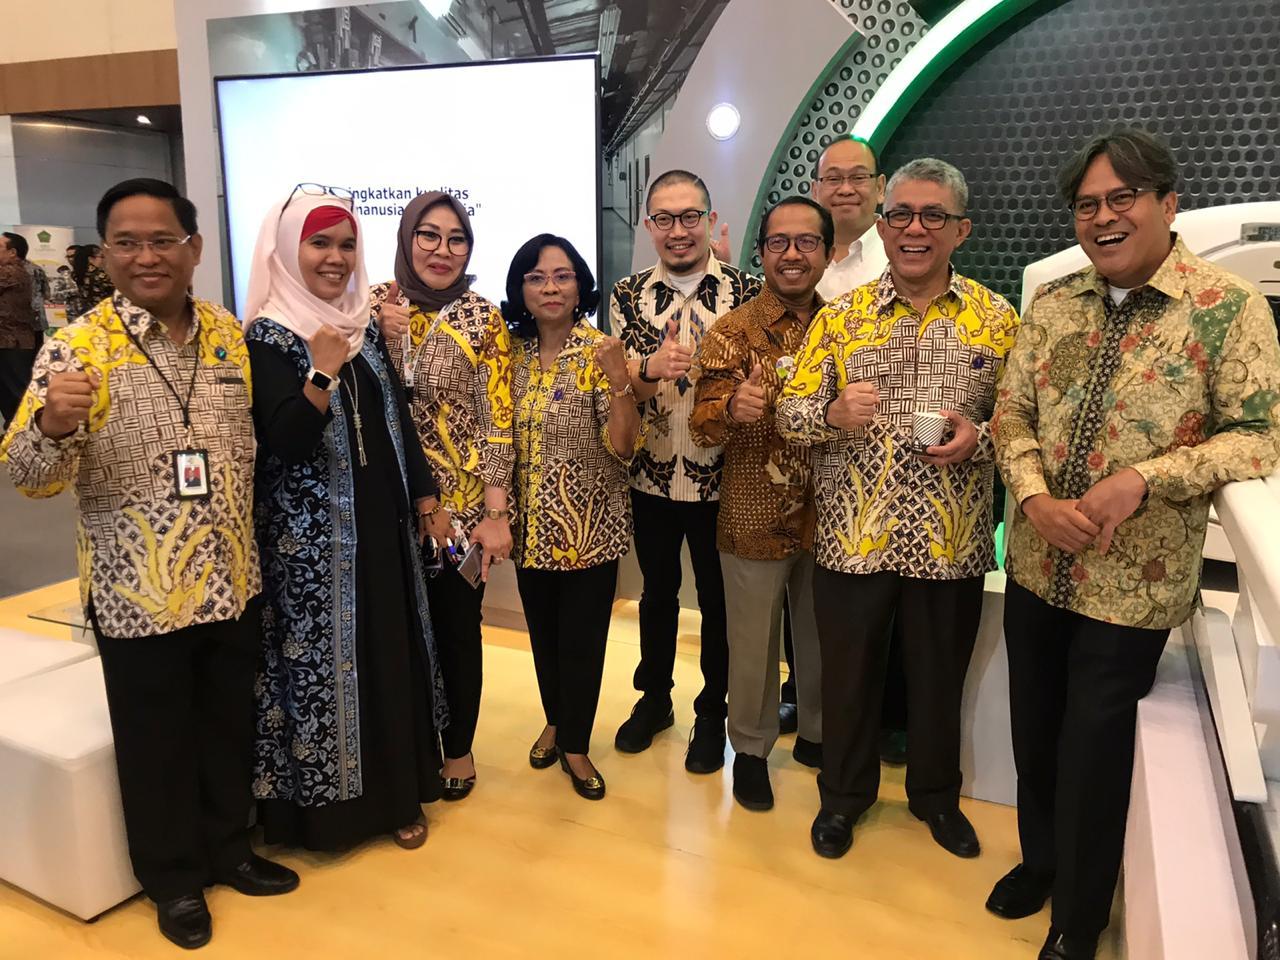 Sekjen Kemenkes beserta jajaran mengunjungi booth INUKI di Pameran Pembangunan Kesehatan 2019